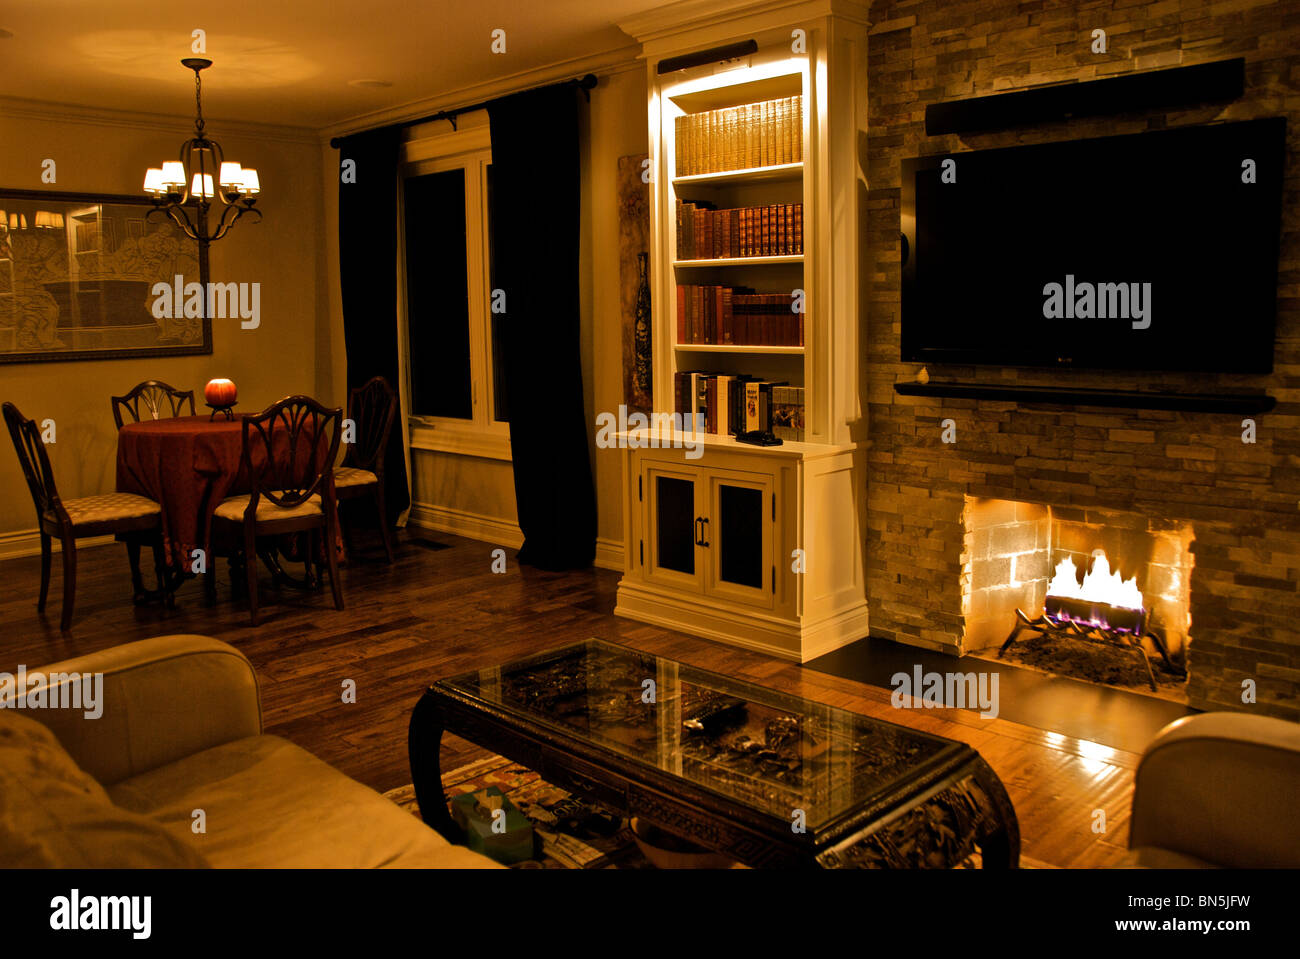 Wohnzimmer Und Esszimmer Mit Leuchtet Schwach Leuchten Stockfoto